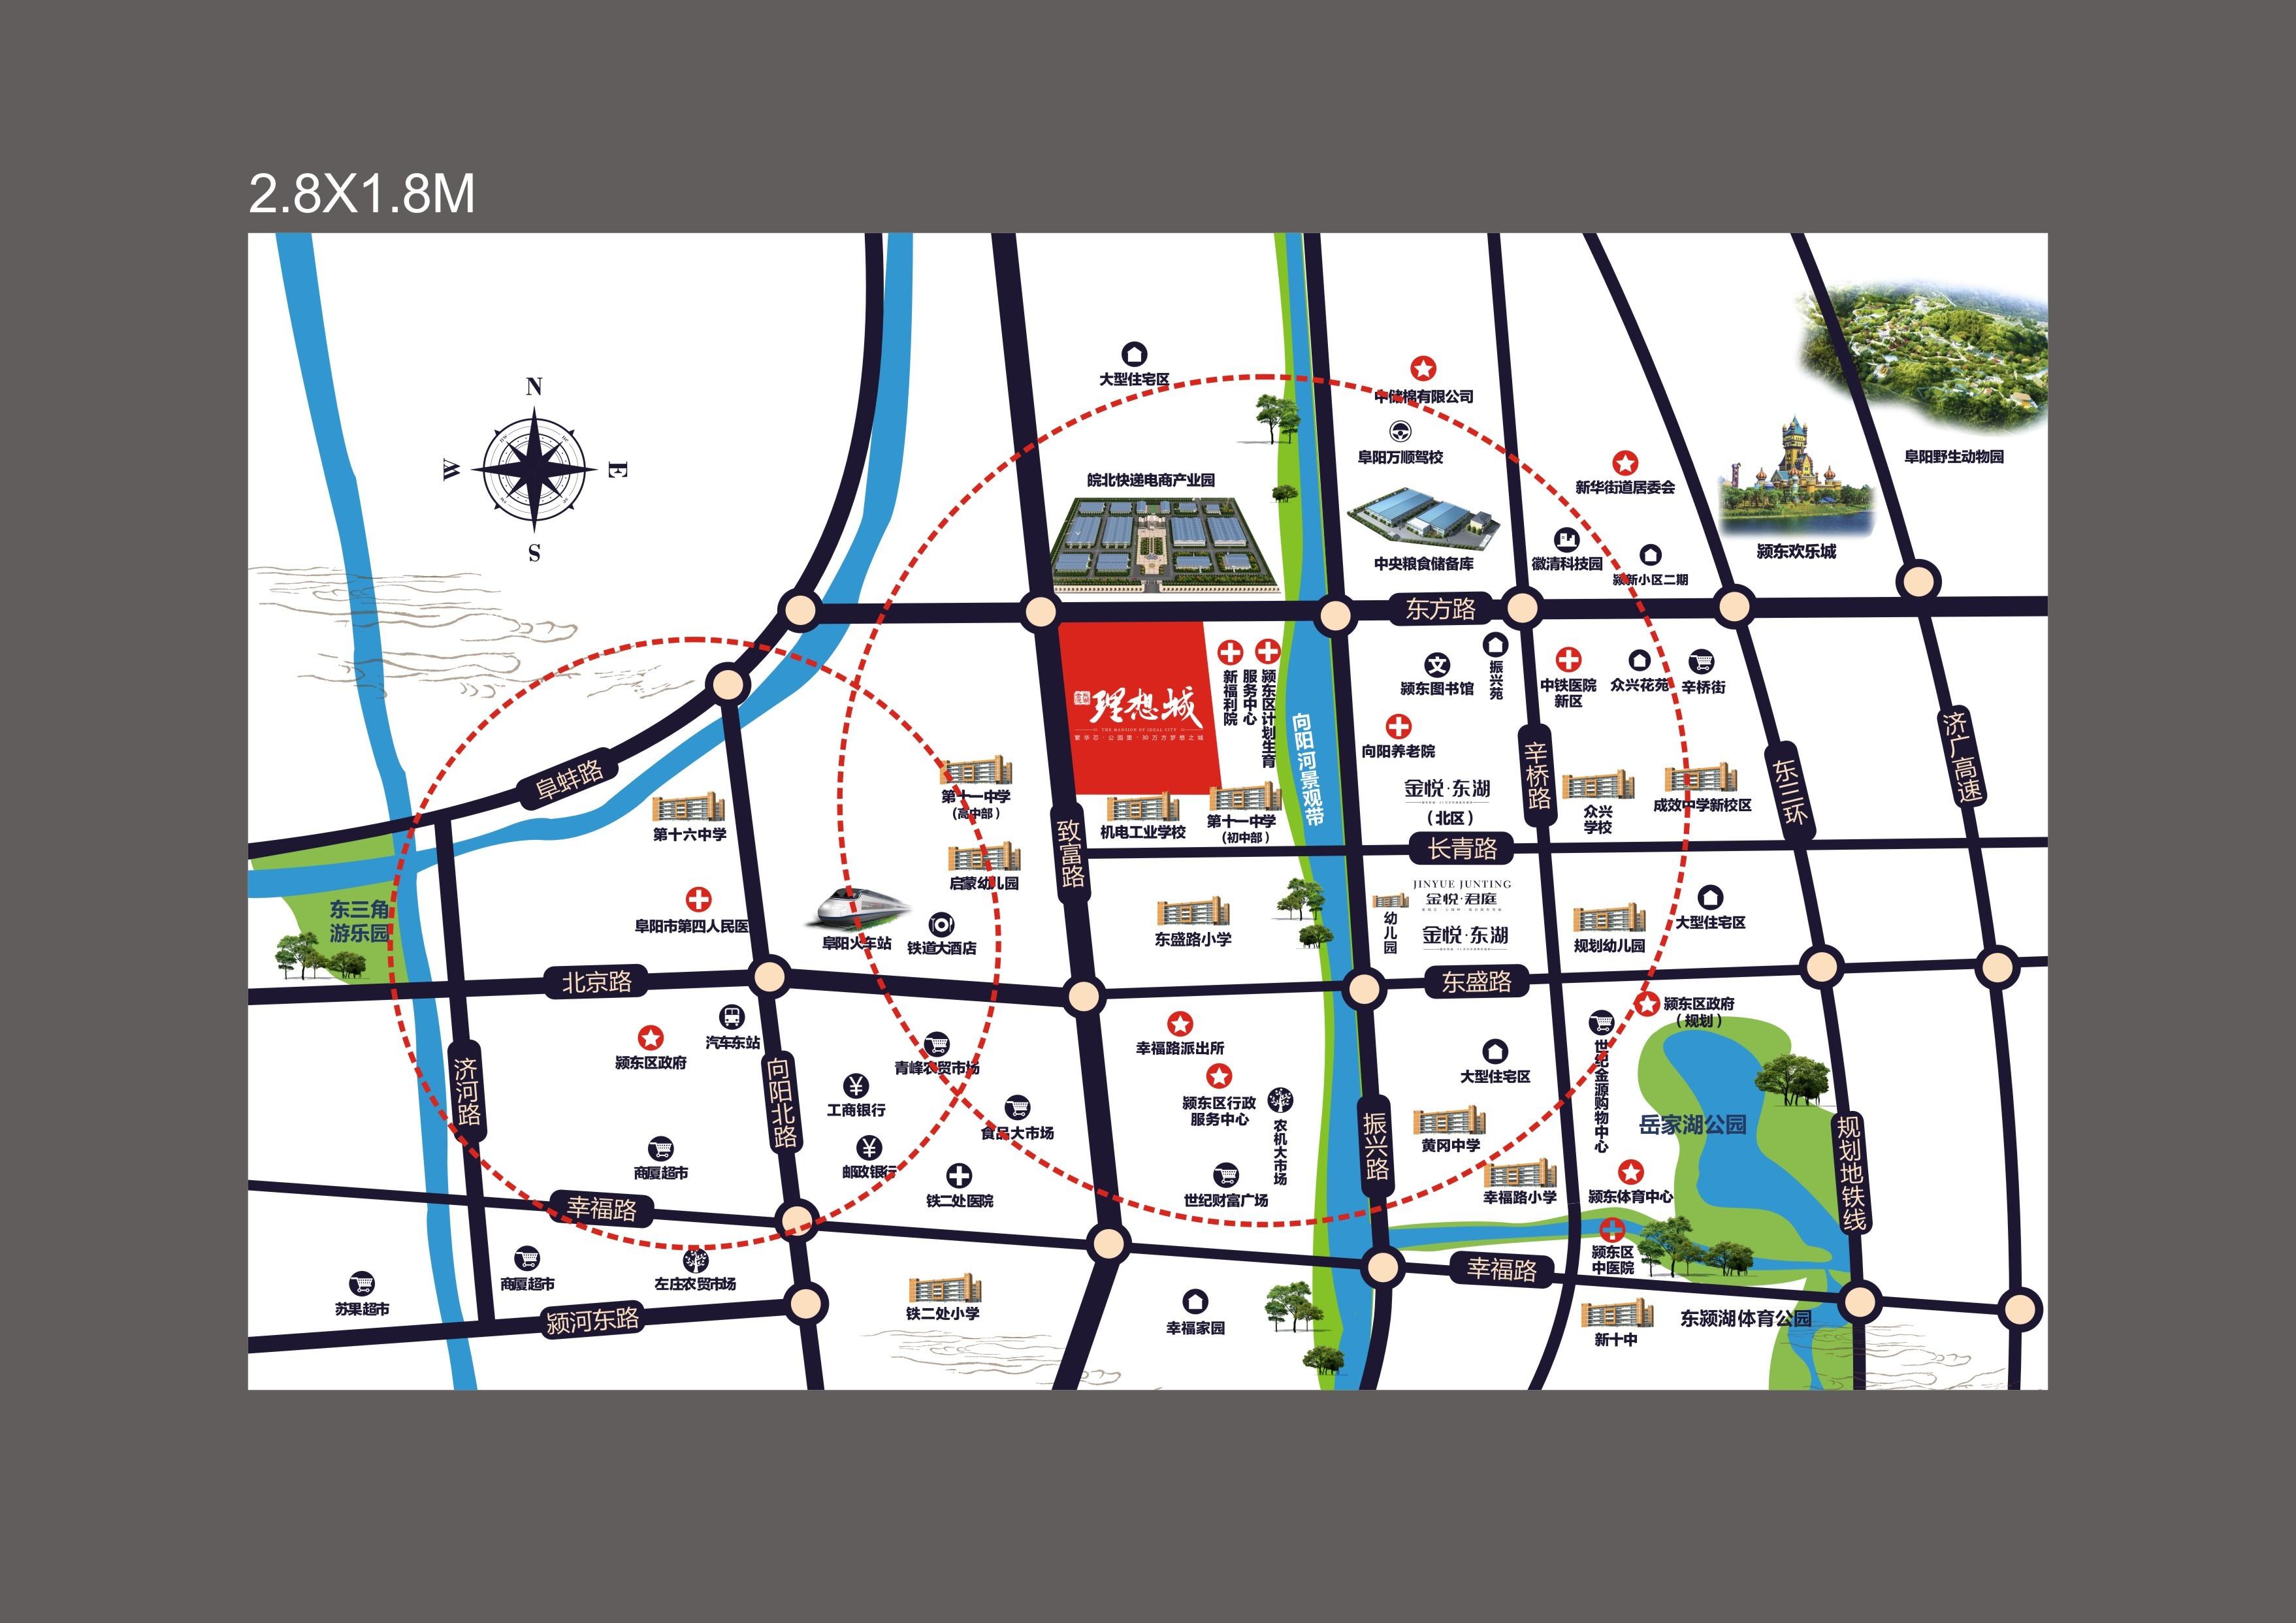 金悦·理想城位置图